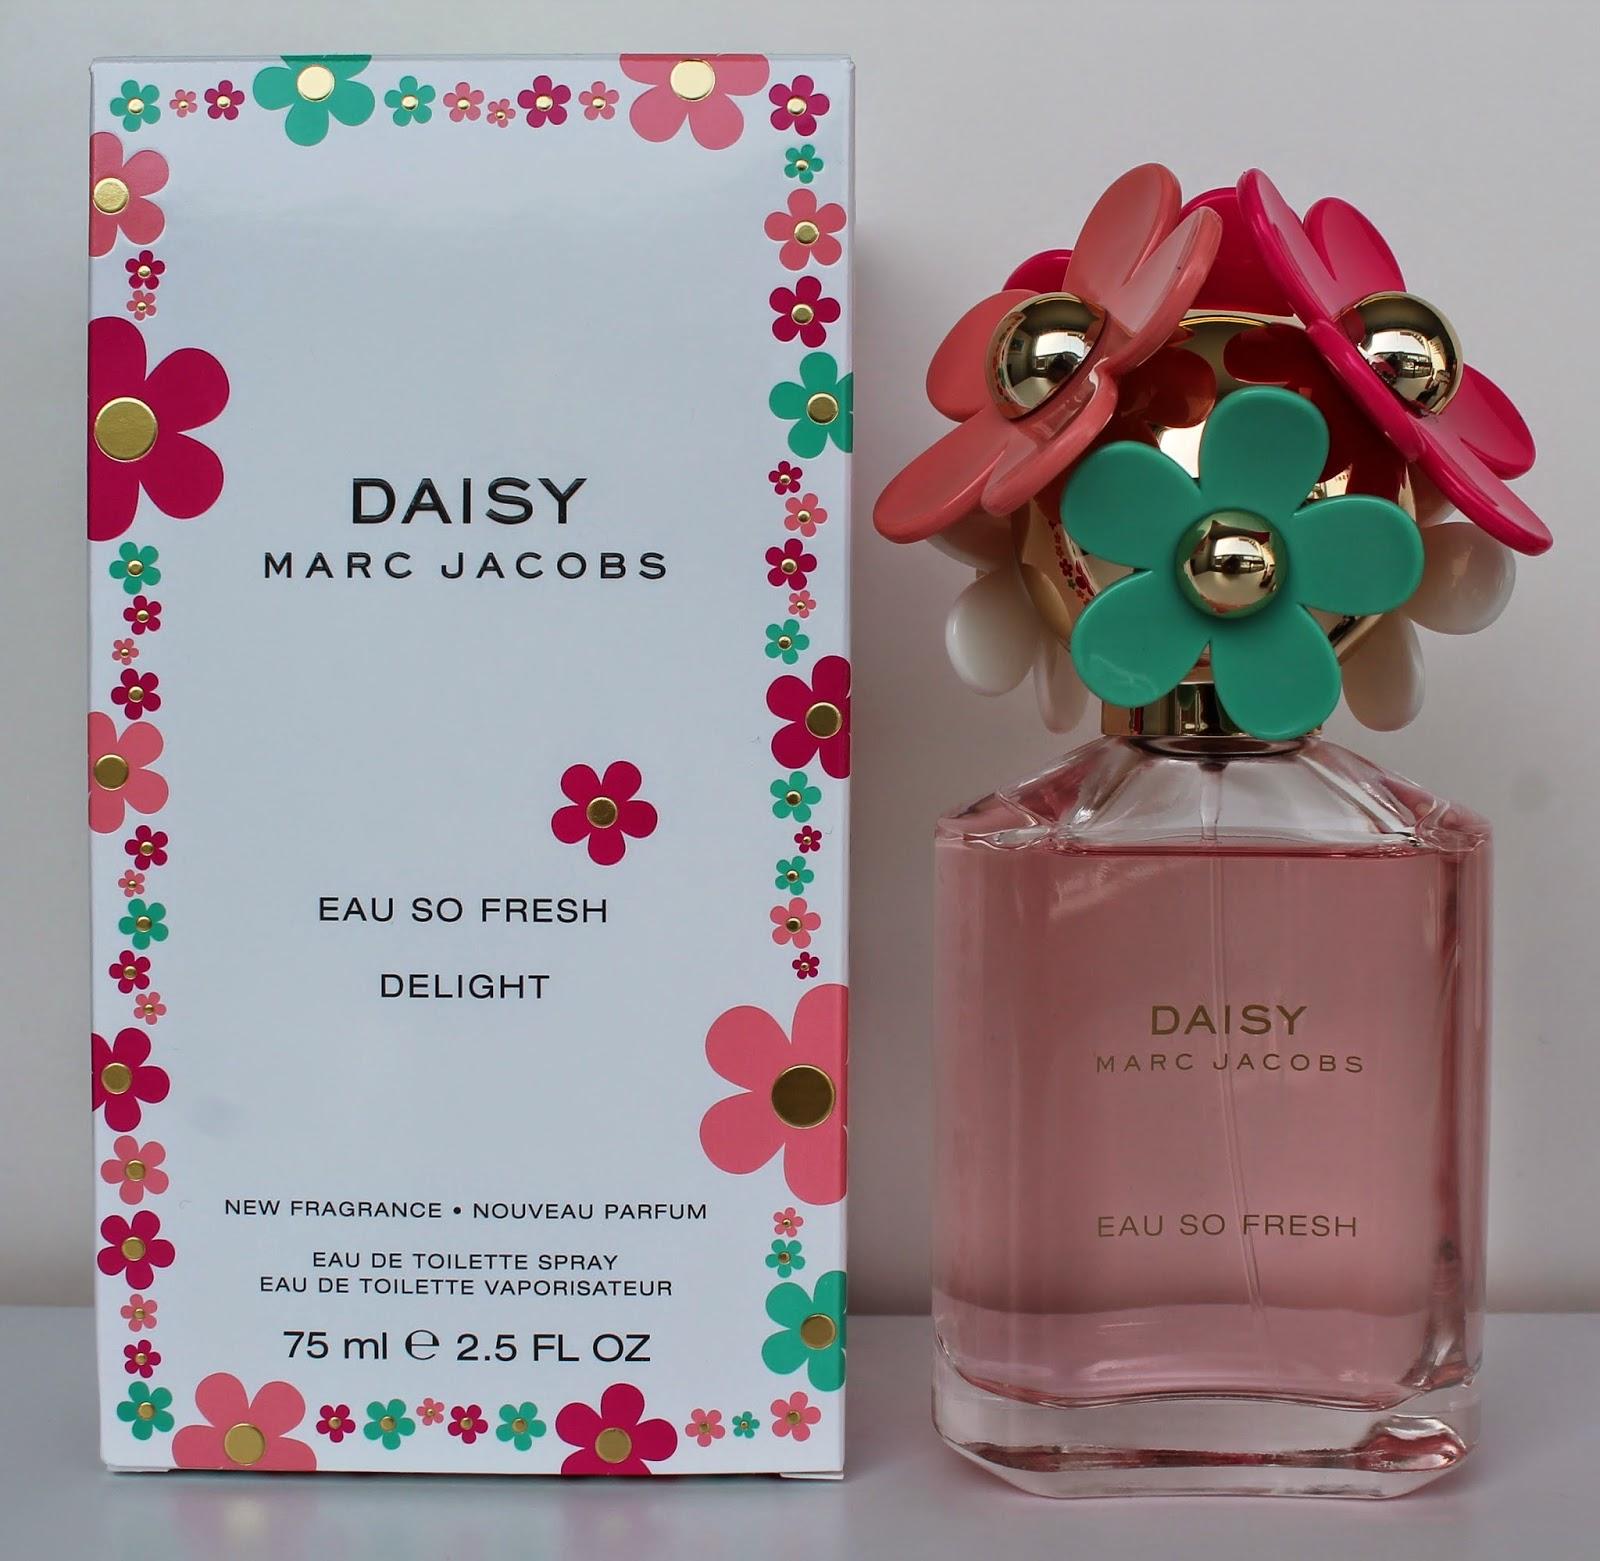 Daisy Eau So Fresh Delight Marc Jacobs